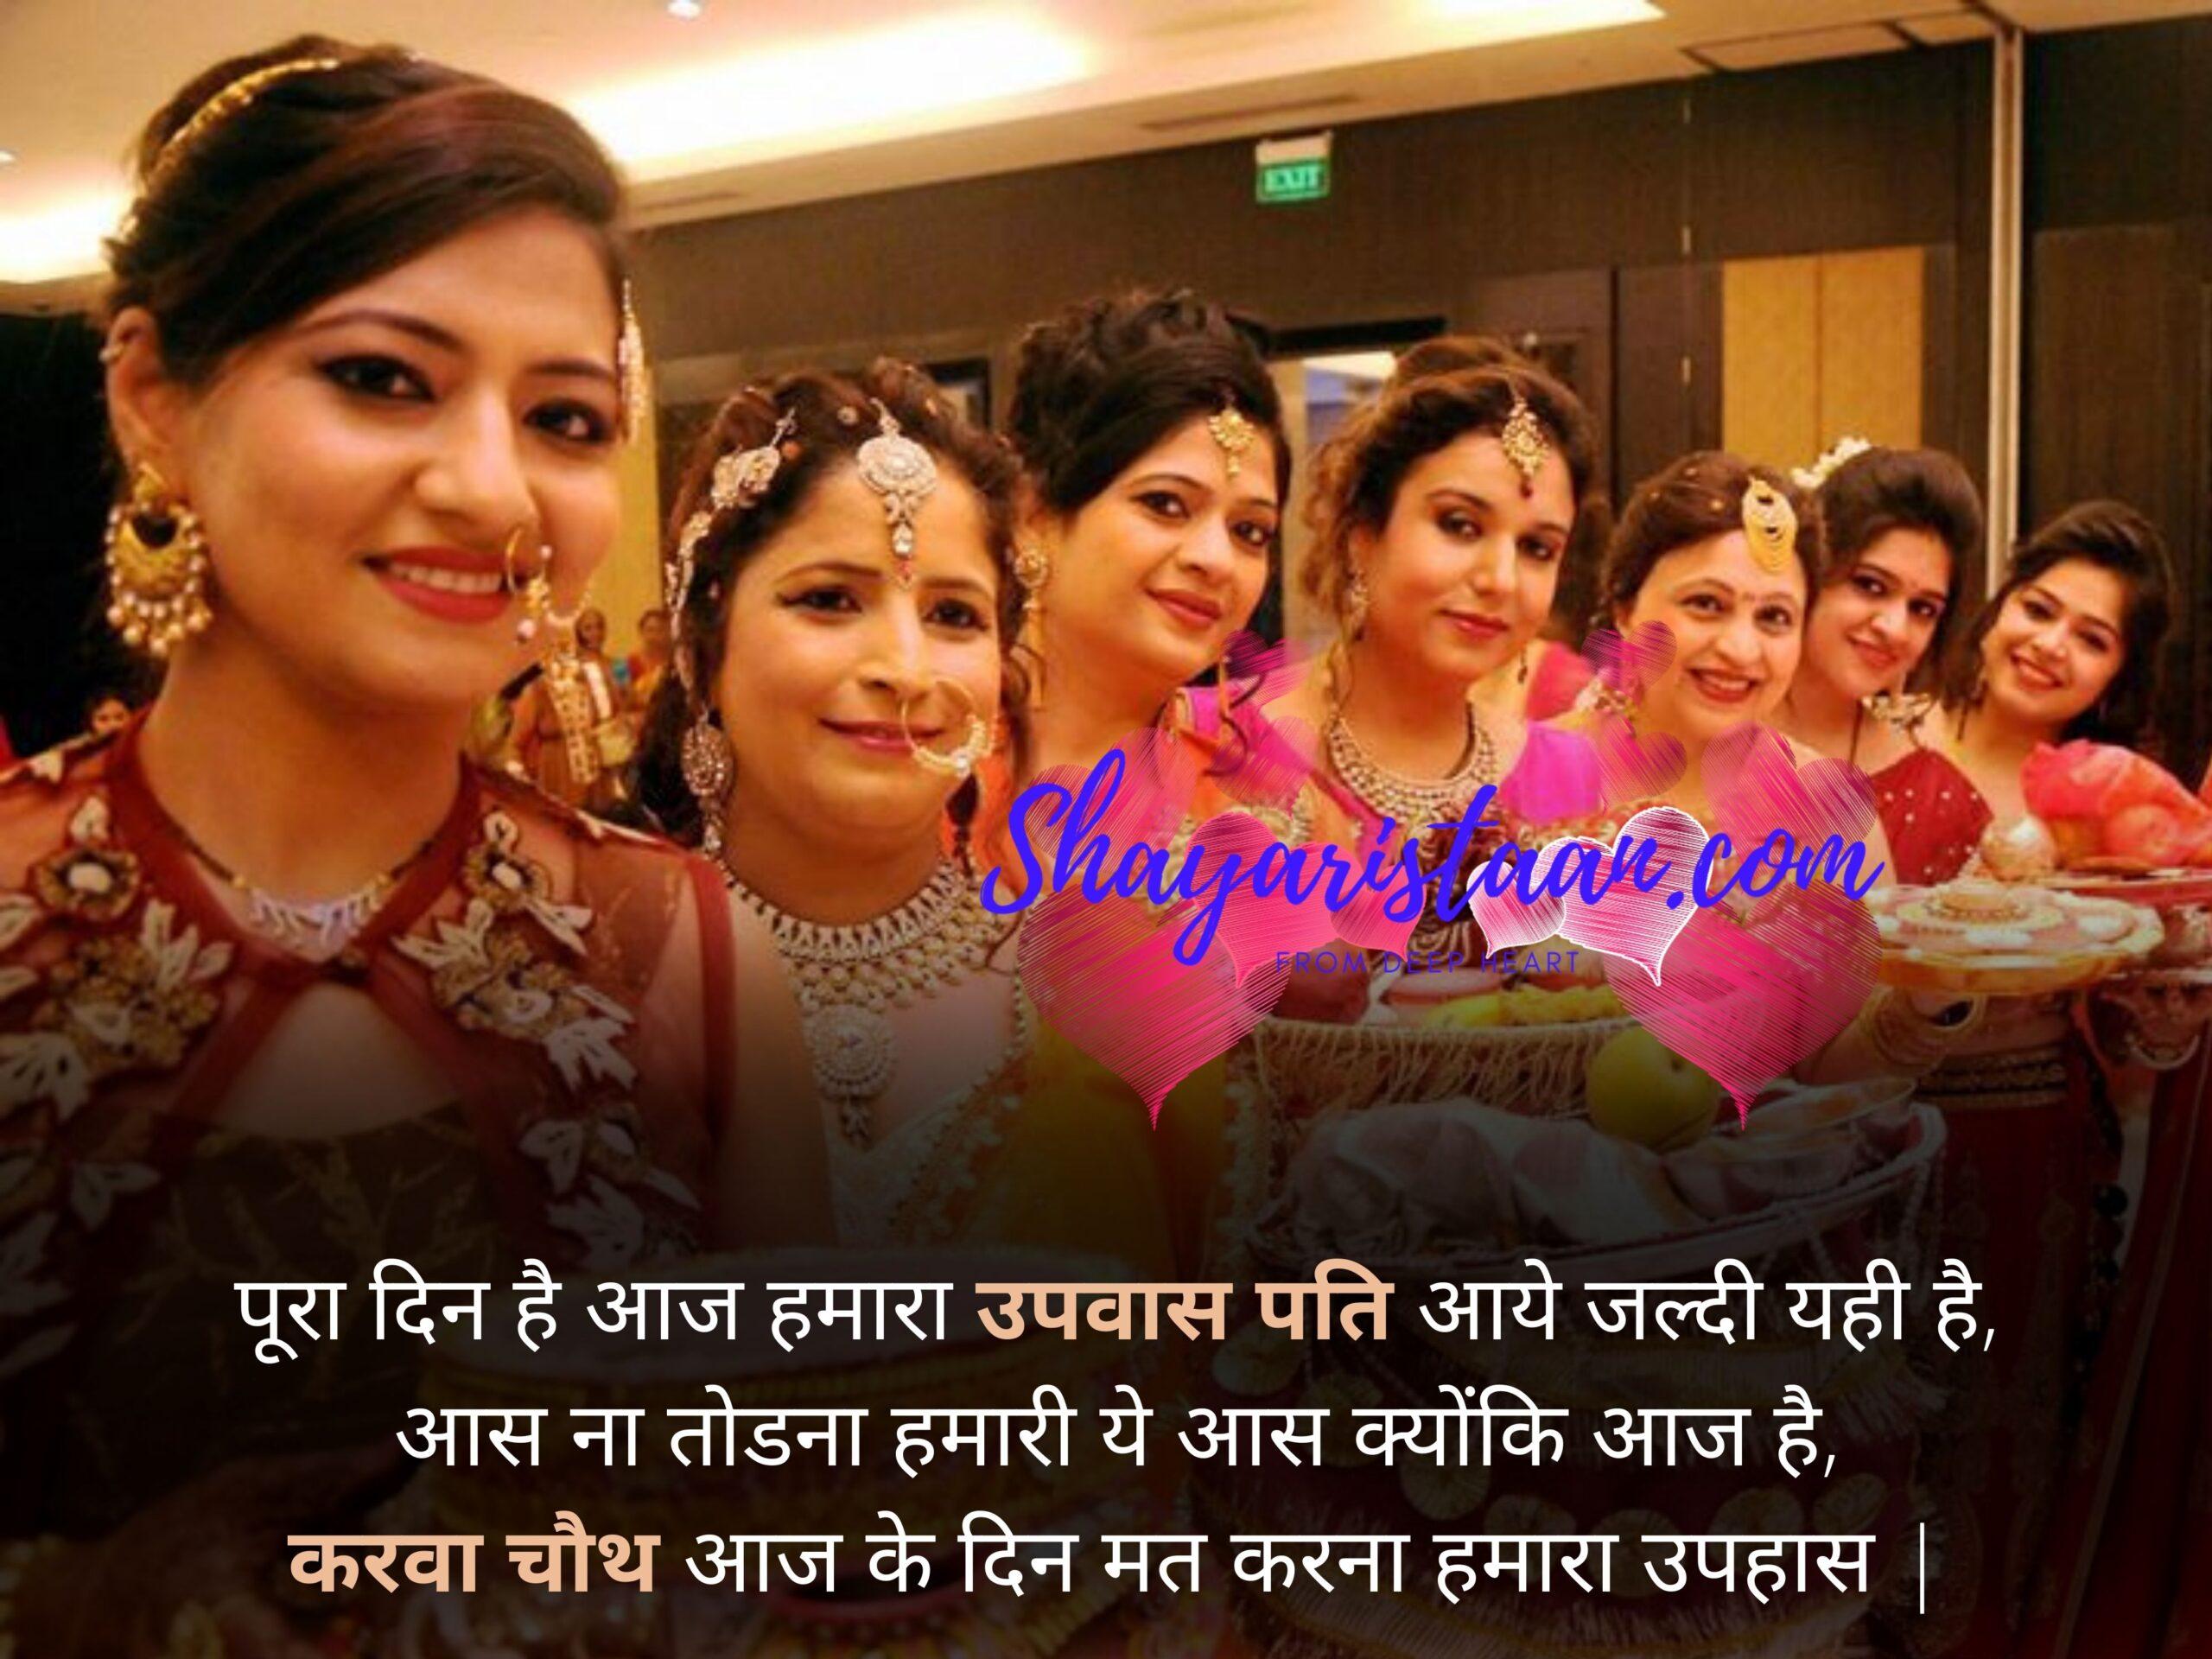 status for karva chauth   पूरा दिन है आज हमारा उपवास पति आये जल्दी यही है, आस ना तोडना हमारी ये आस क्योंकि आज है, करवा चौथ आज के दिन मत करना हमारा उपहास  